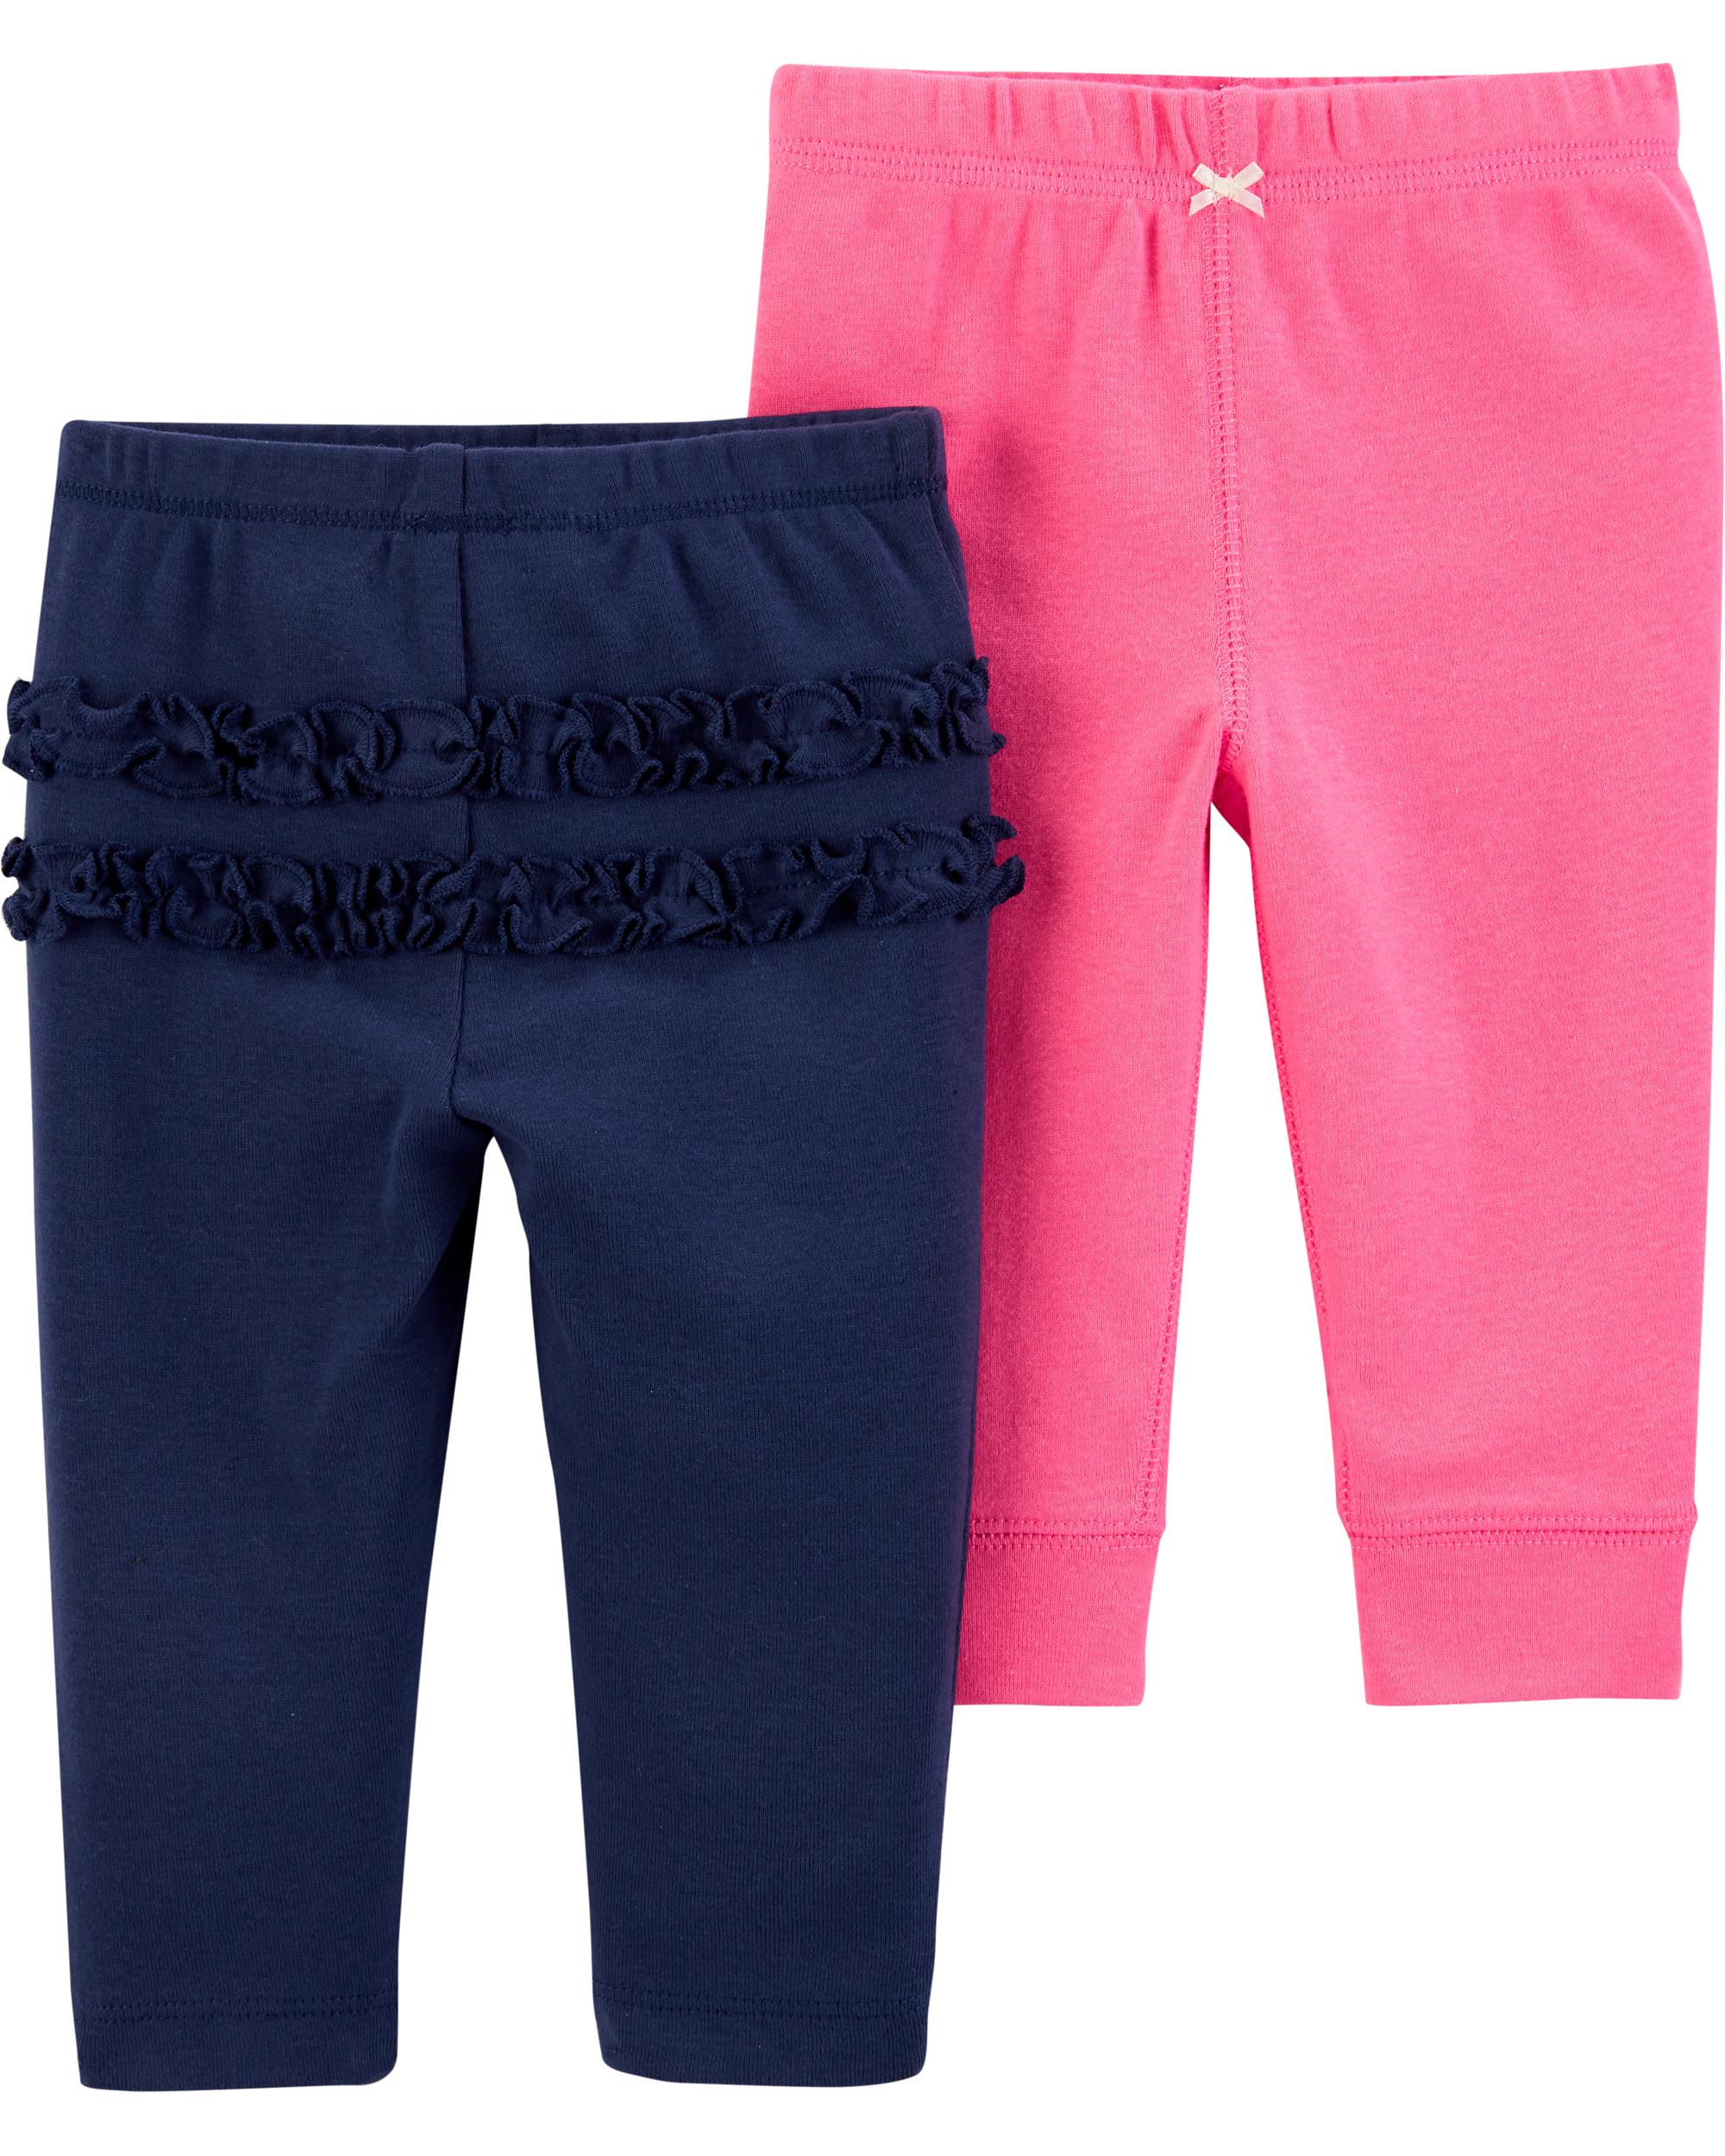 זוג מכנסיים ורוד/נייבי